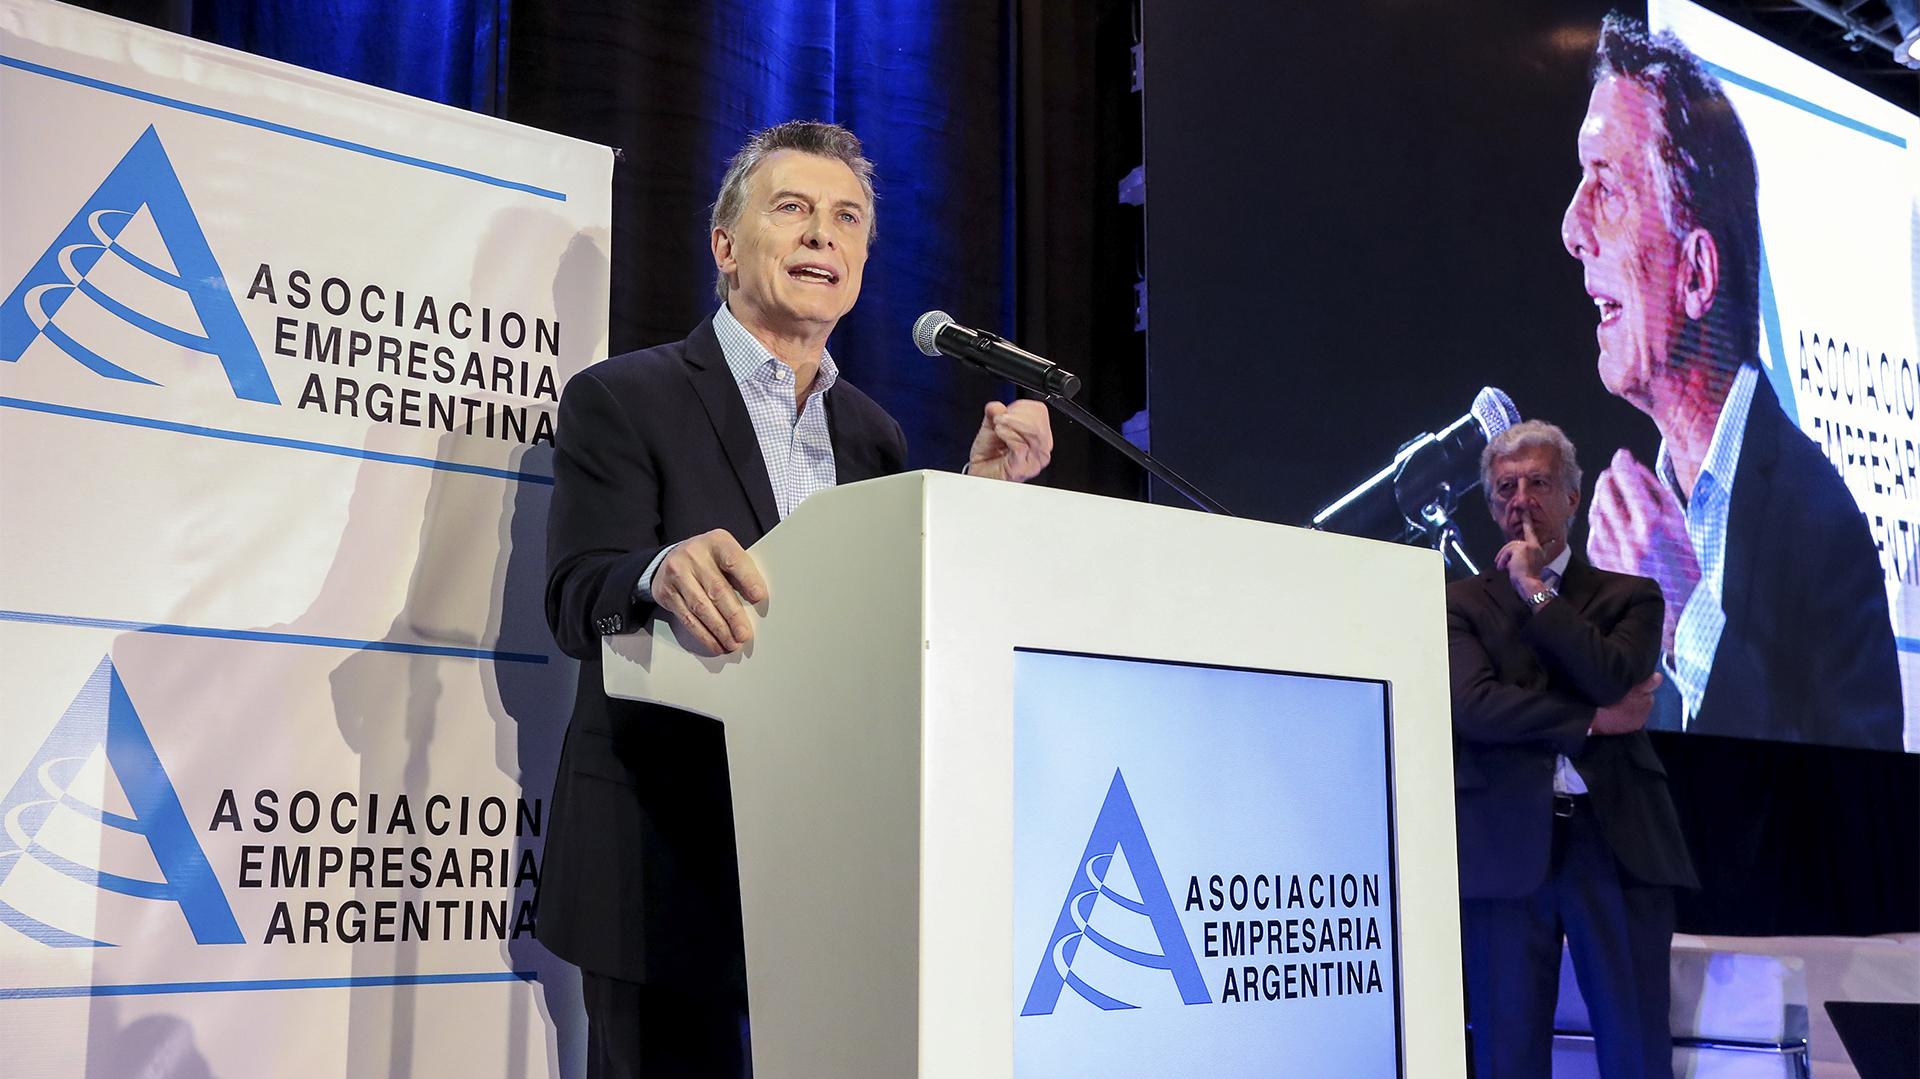 Mauricio Macri, en el discurso que dio apertura a la jornada (Presidencia de la Nación)